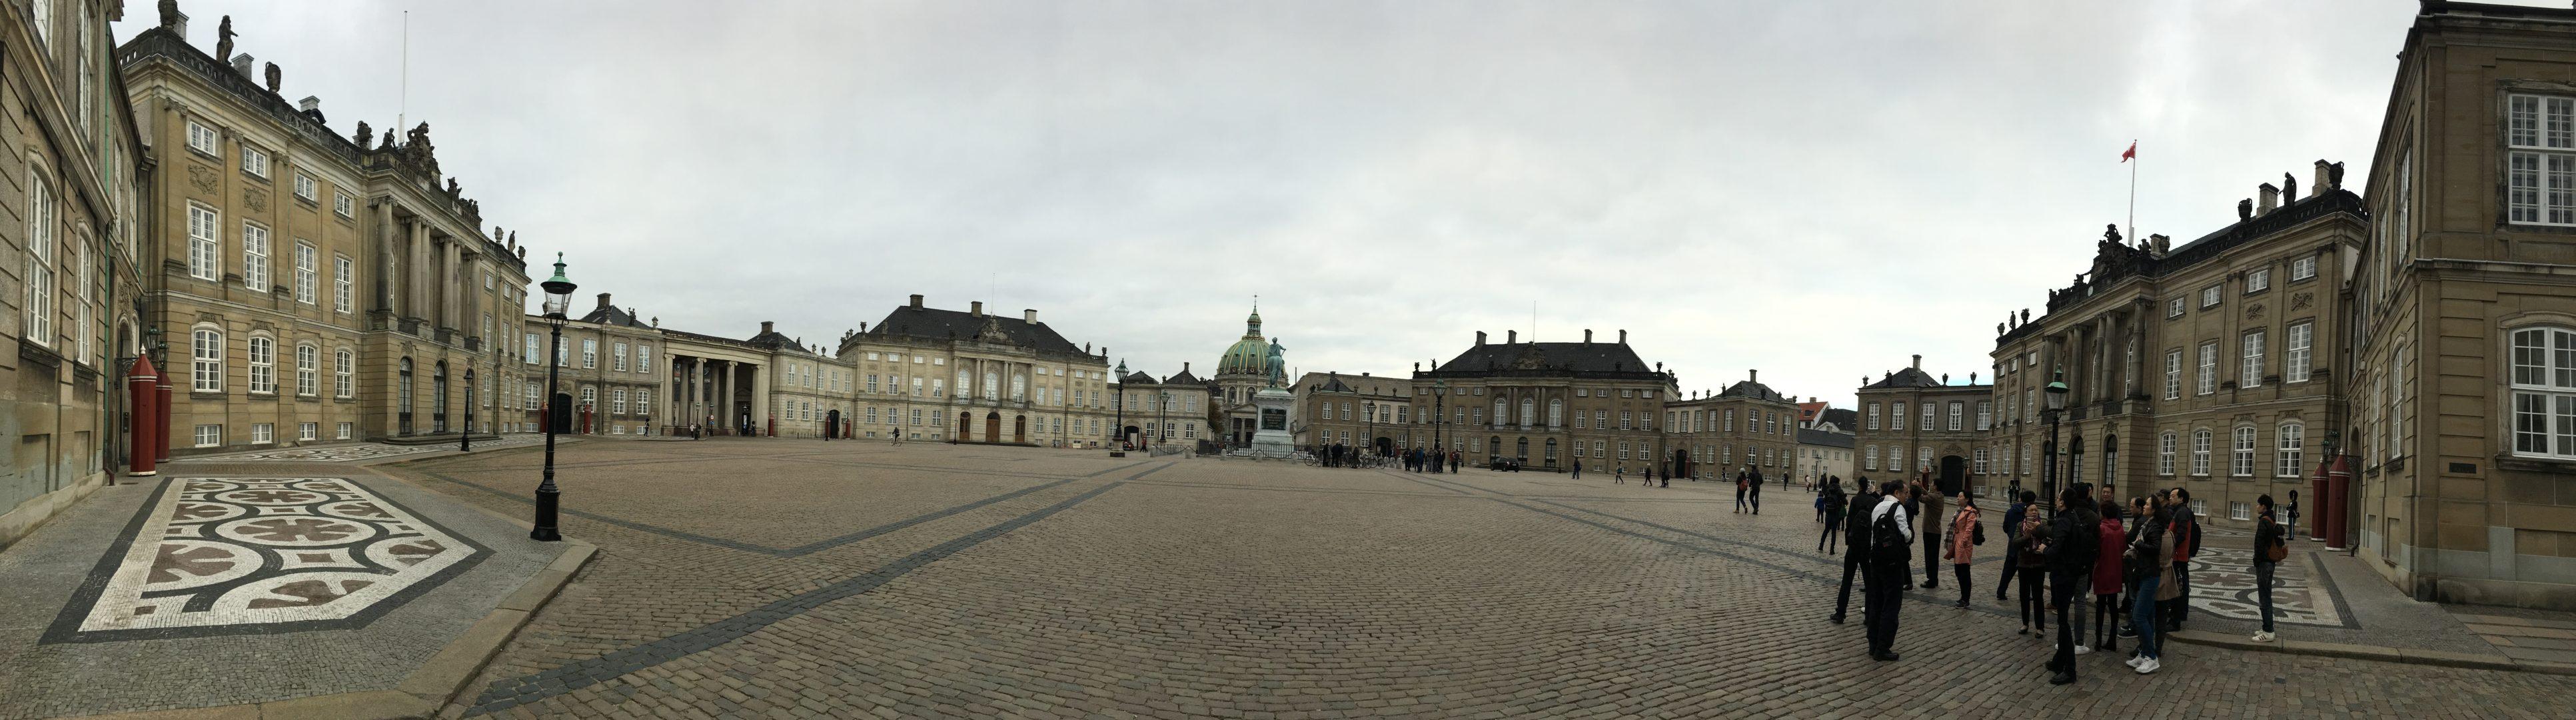 Amalienborg Copenhague Copenhagen